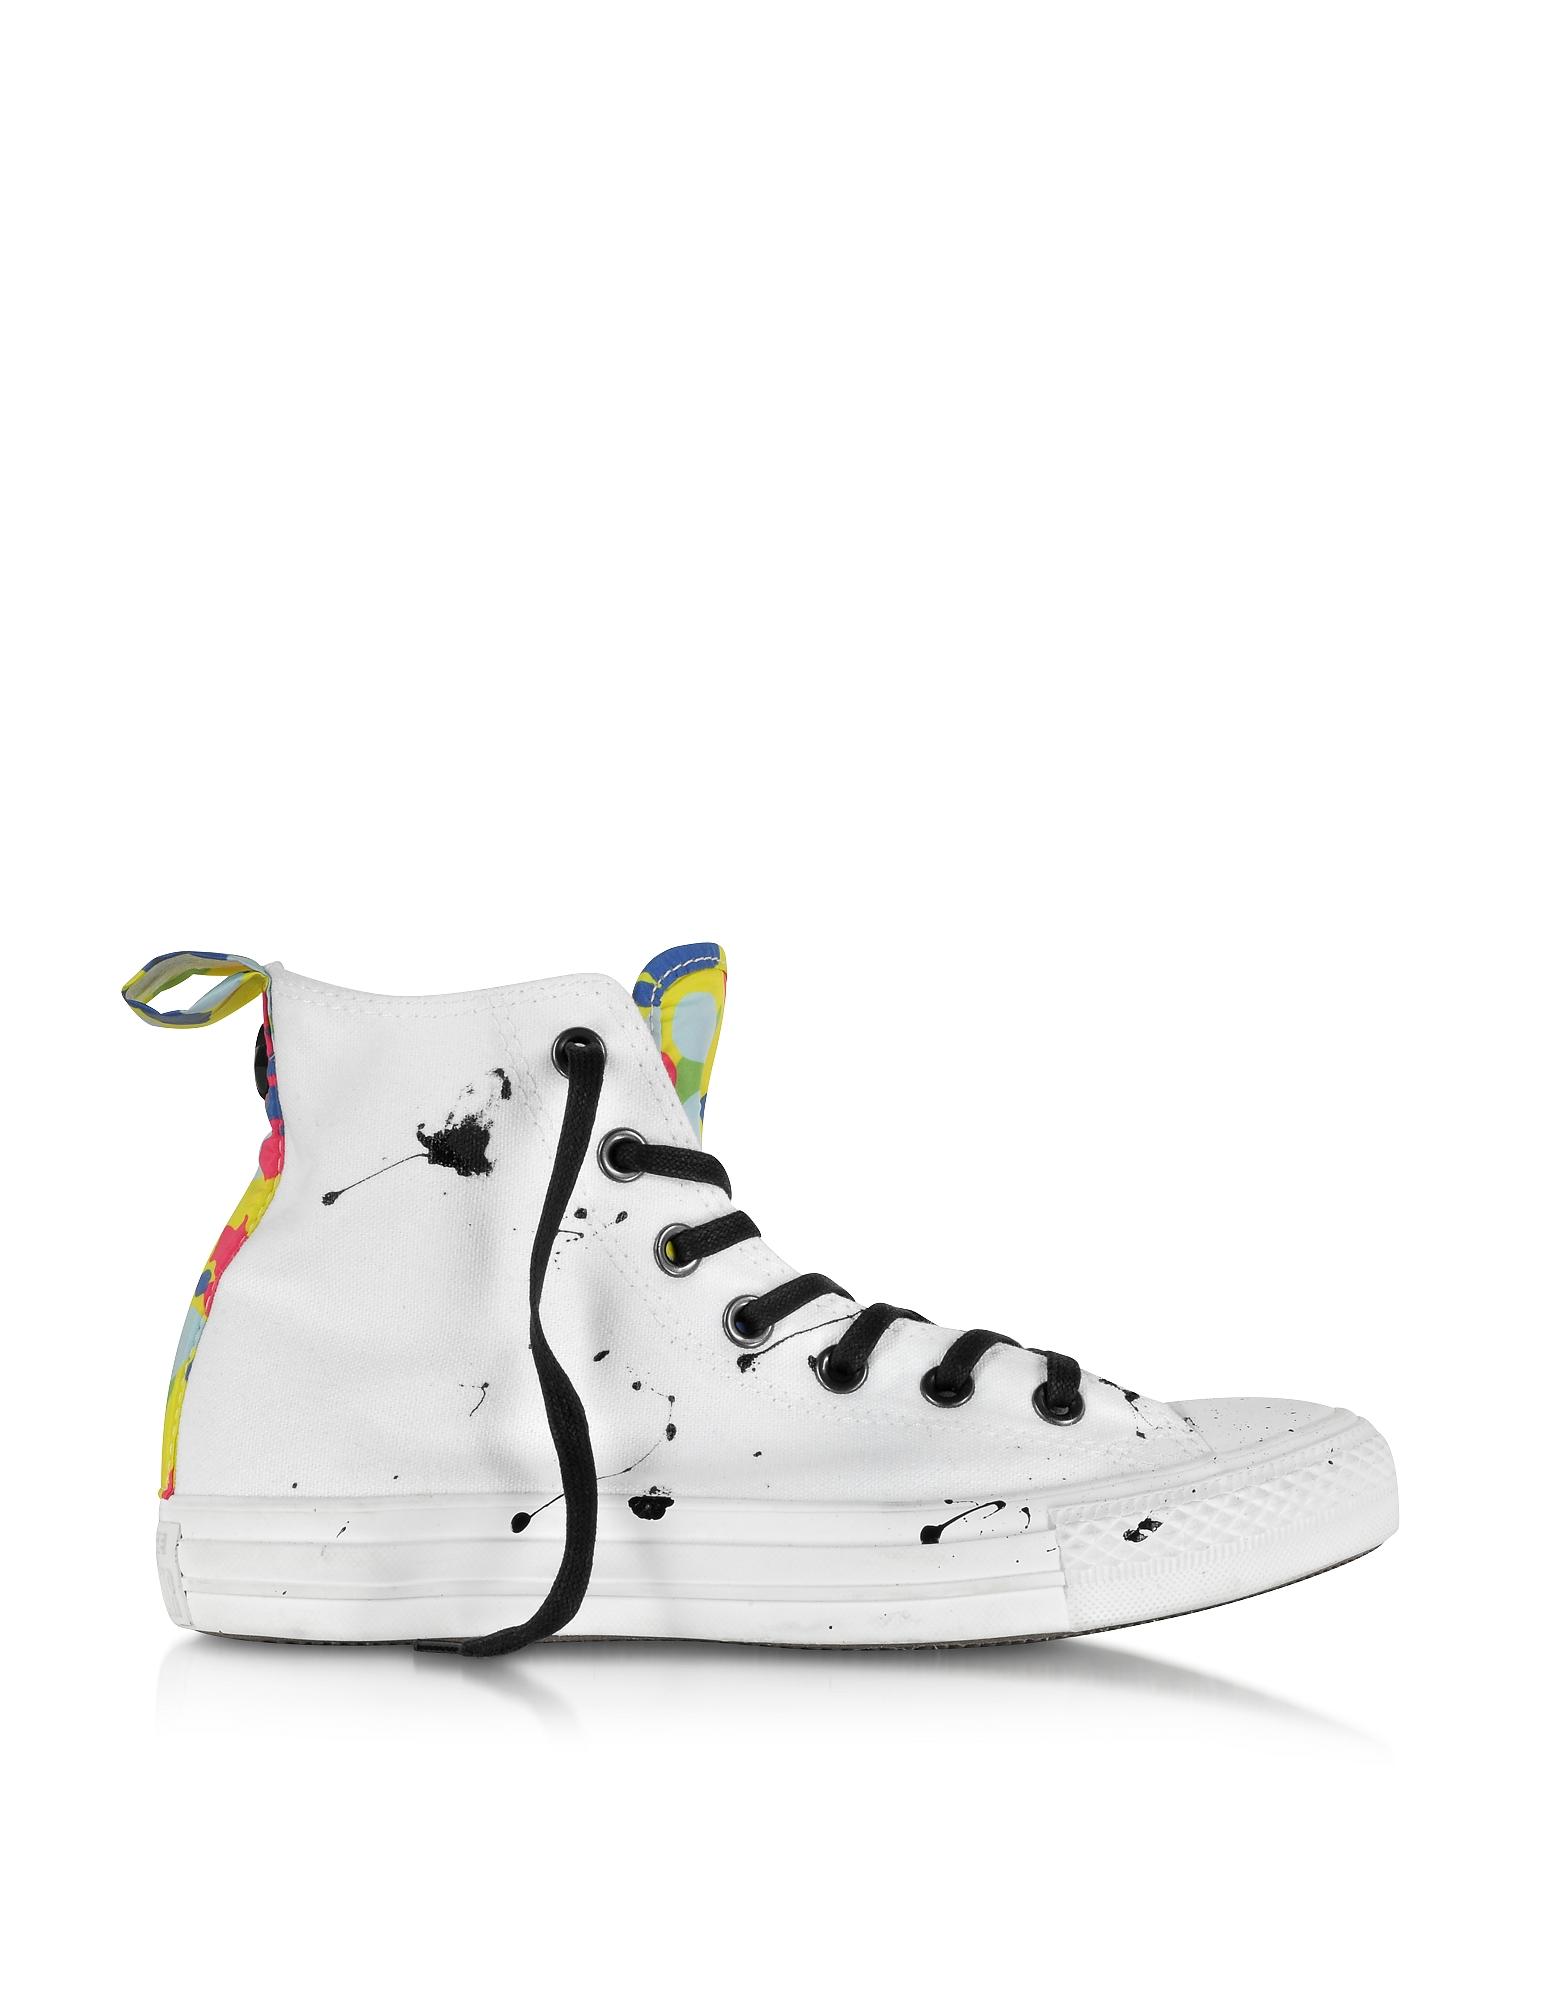 CT All Star - Высокие Кроссовки из Белой Ткани с Разноцветным Узором Камуфляж